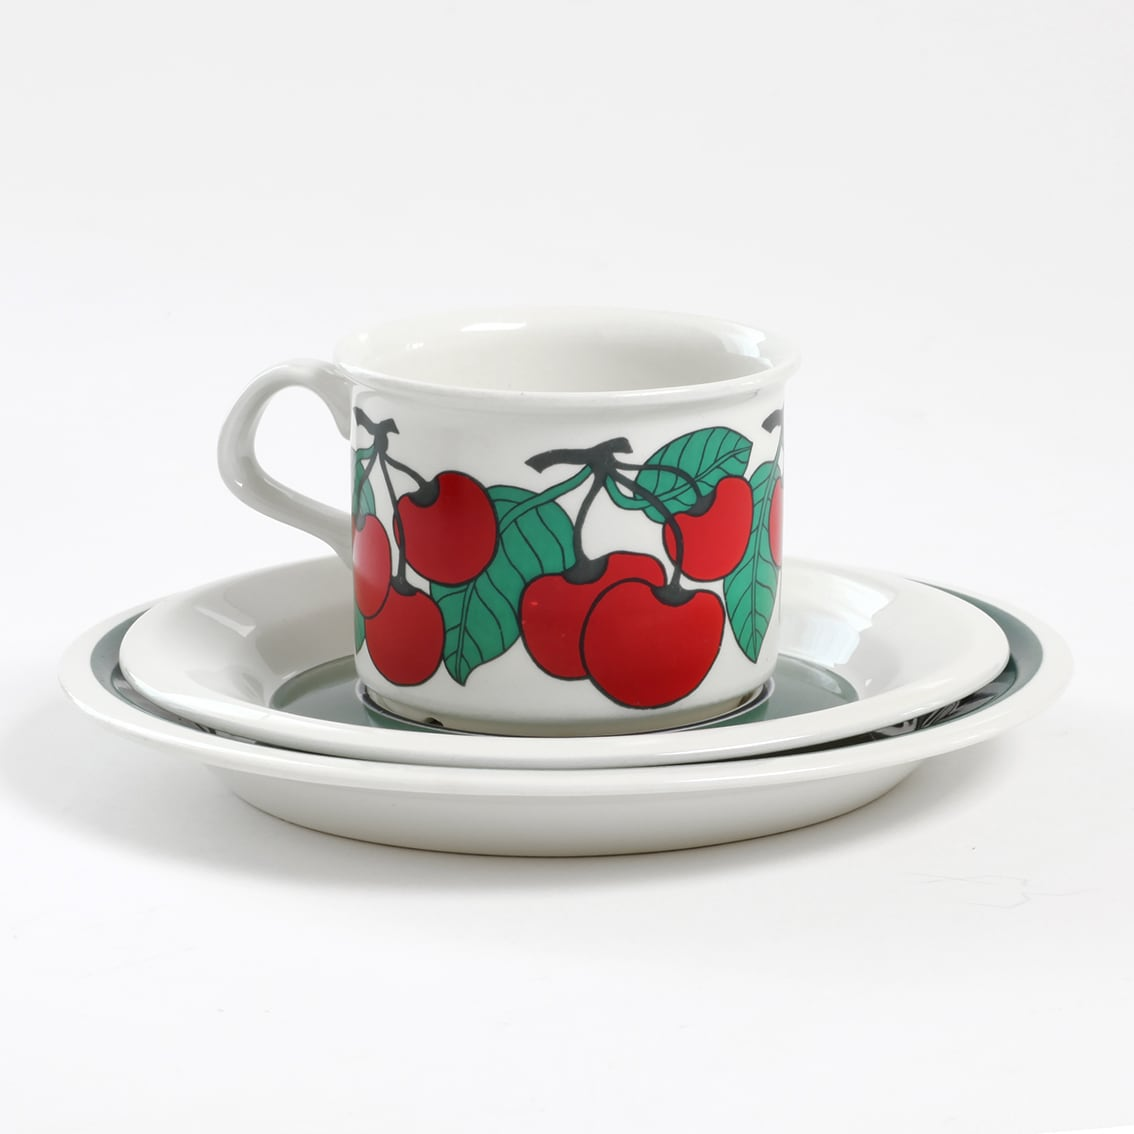 ARABIA アラビア Kirsikka キルシッカ コーヒーカップ&ソーサー、プレート三点セット - 8 北欧ヴィンテージ